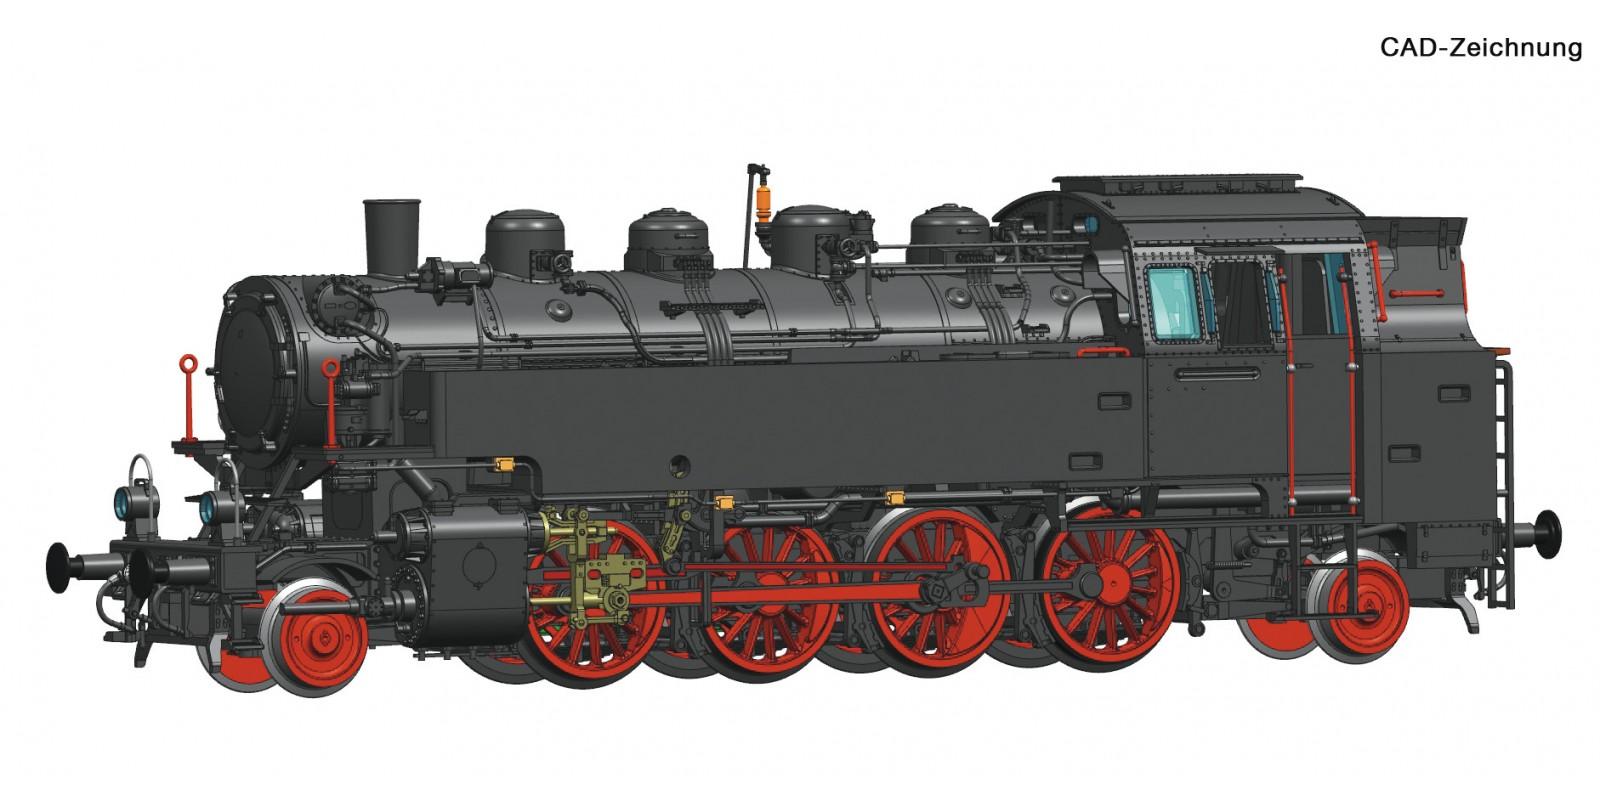 RO79025 Dampflok 86.241 ÖBB AC-Snd.